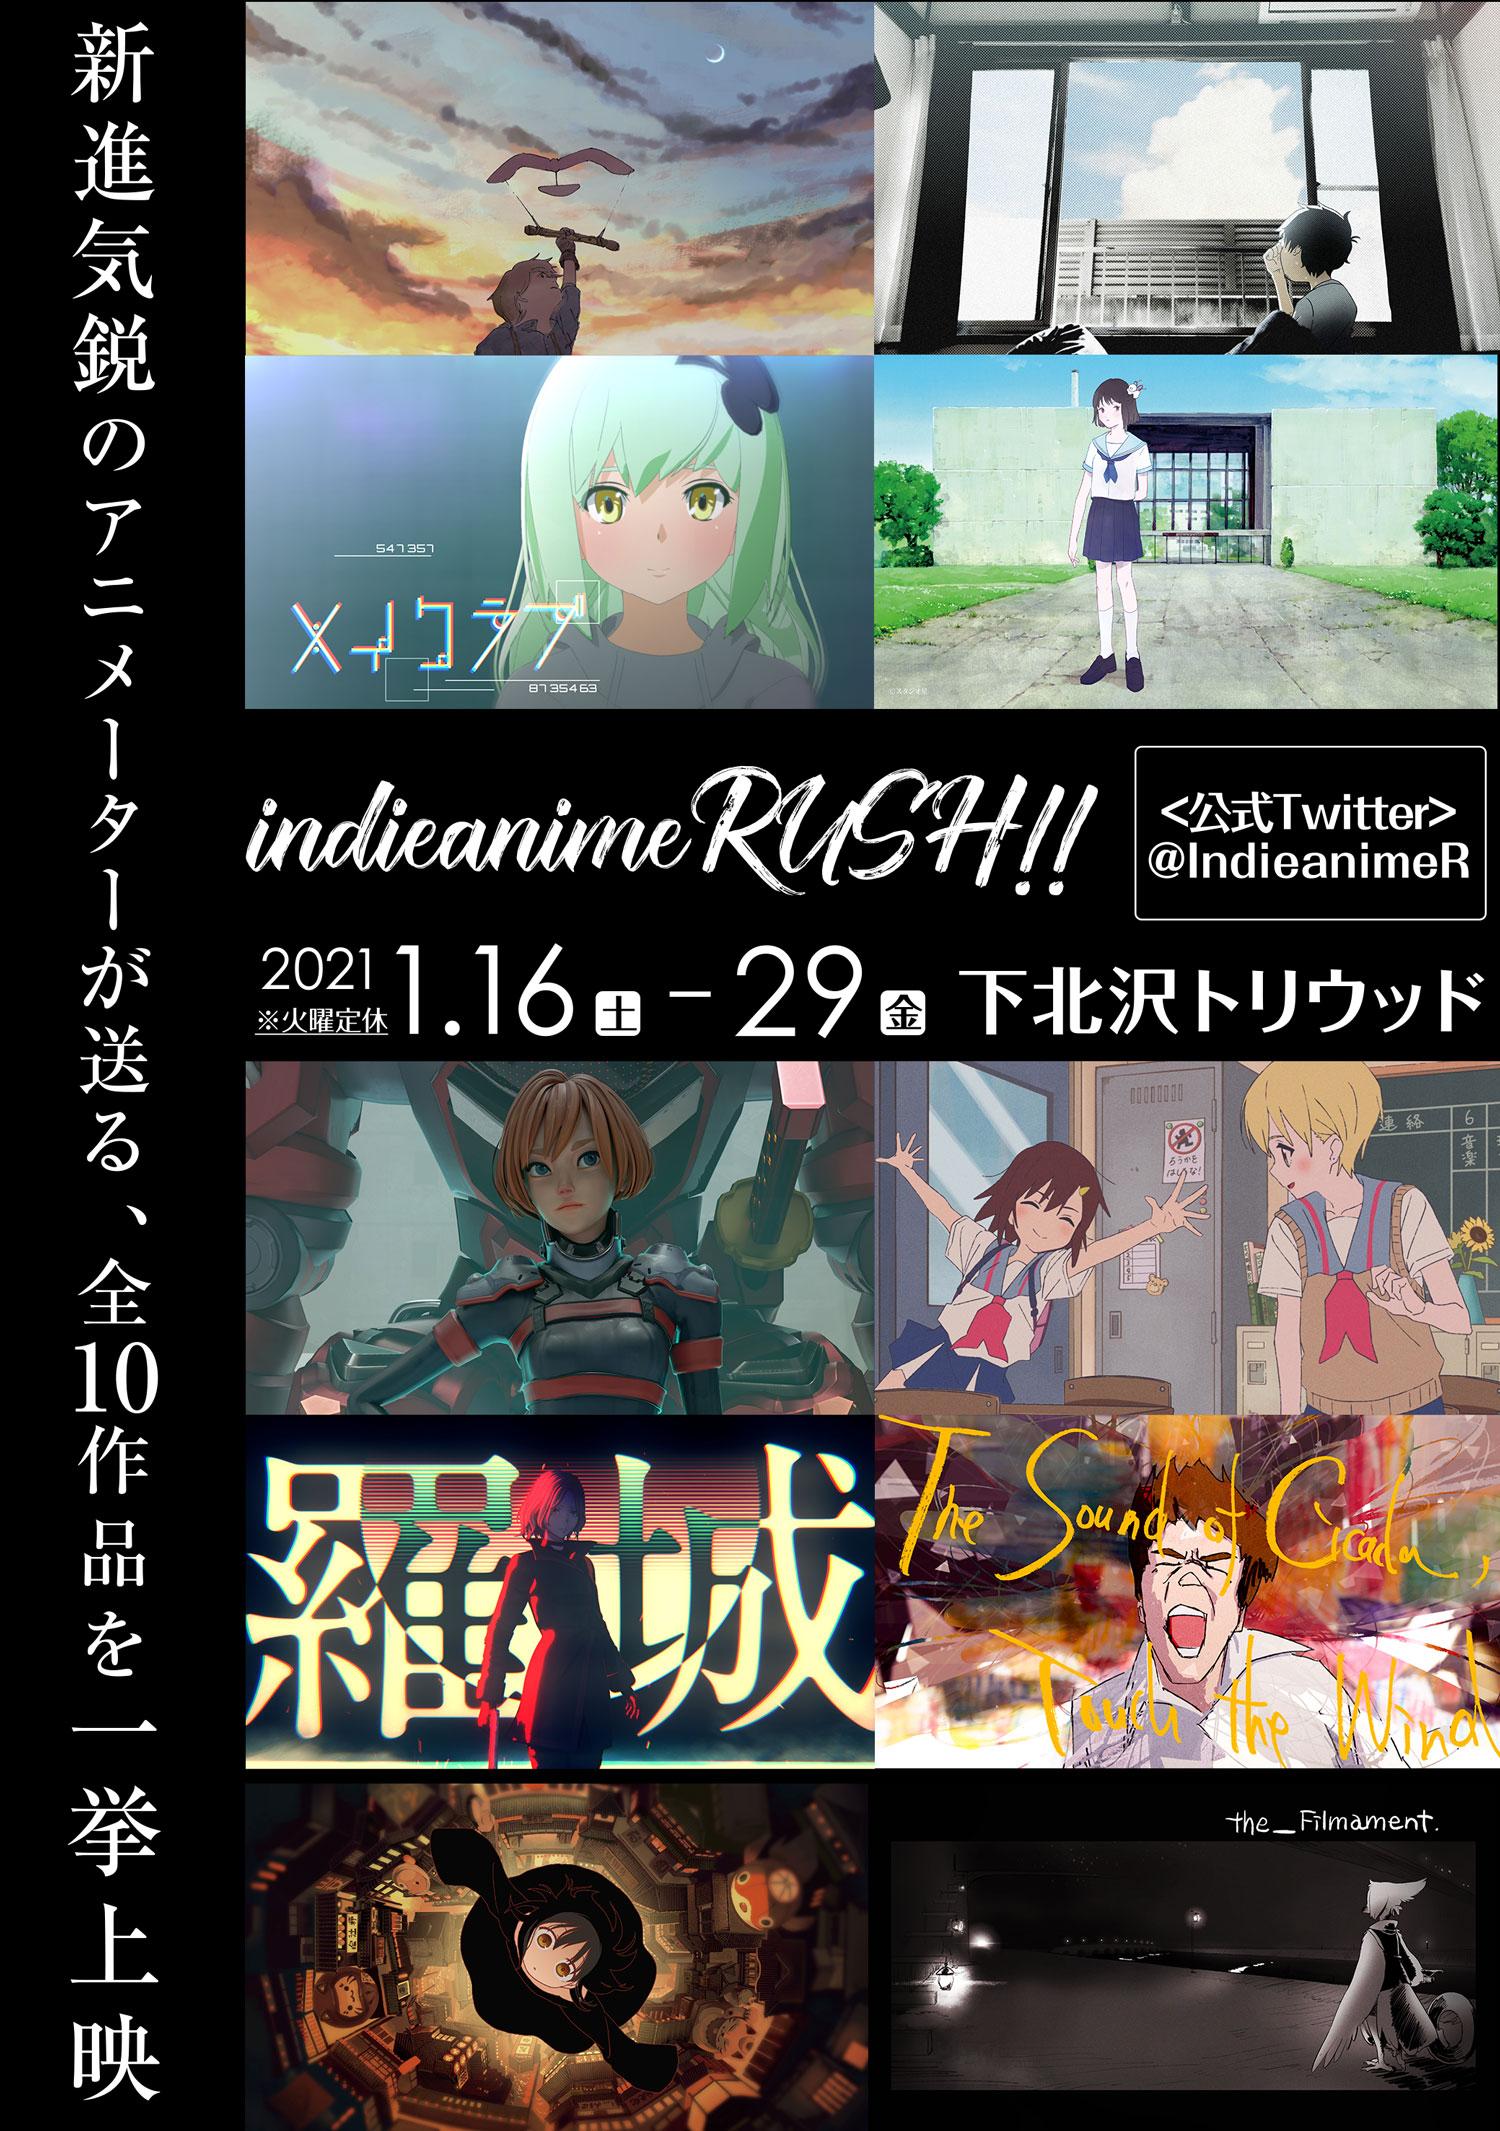 個人制作の「インディーアニメ」が熱い!「ずっと真夜中でいいのに。」MV製作者たちの作品が劇場上映決定